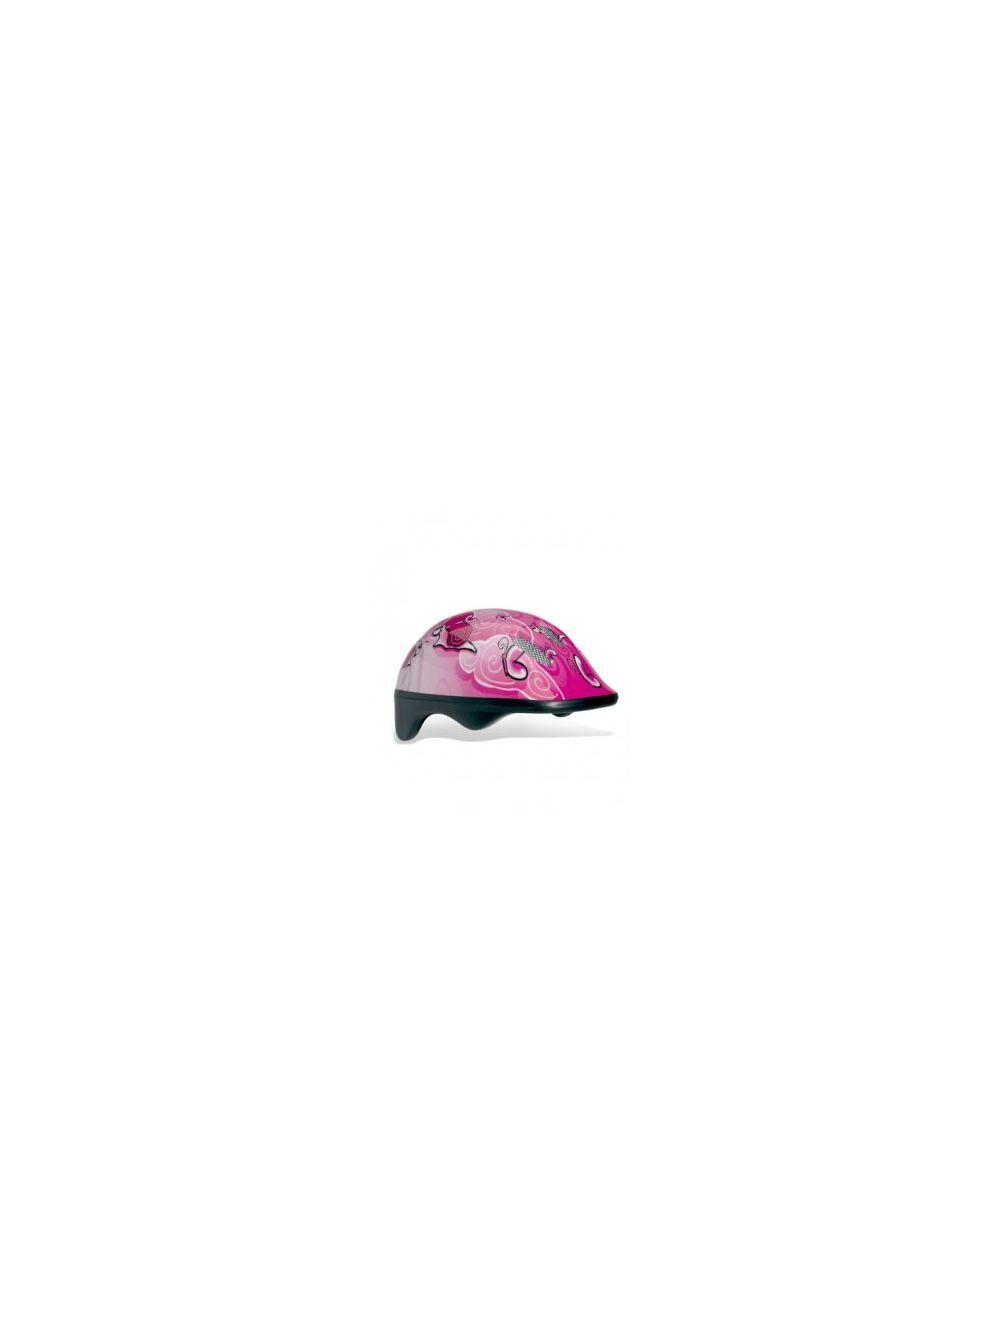 Bellelli lastekiiver pink snail 52-56 cm